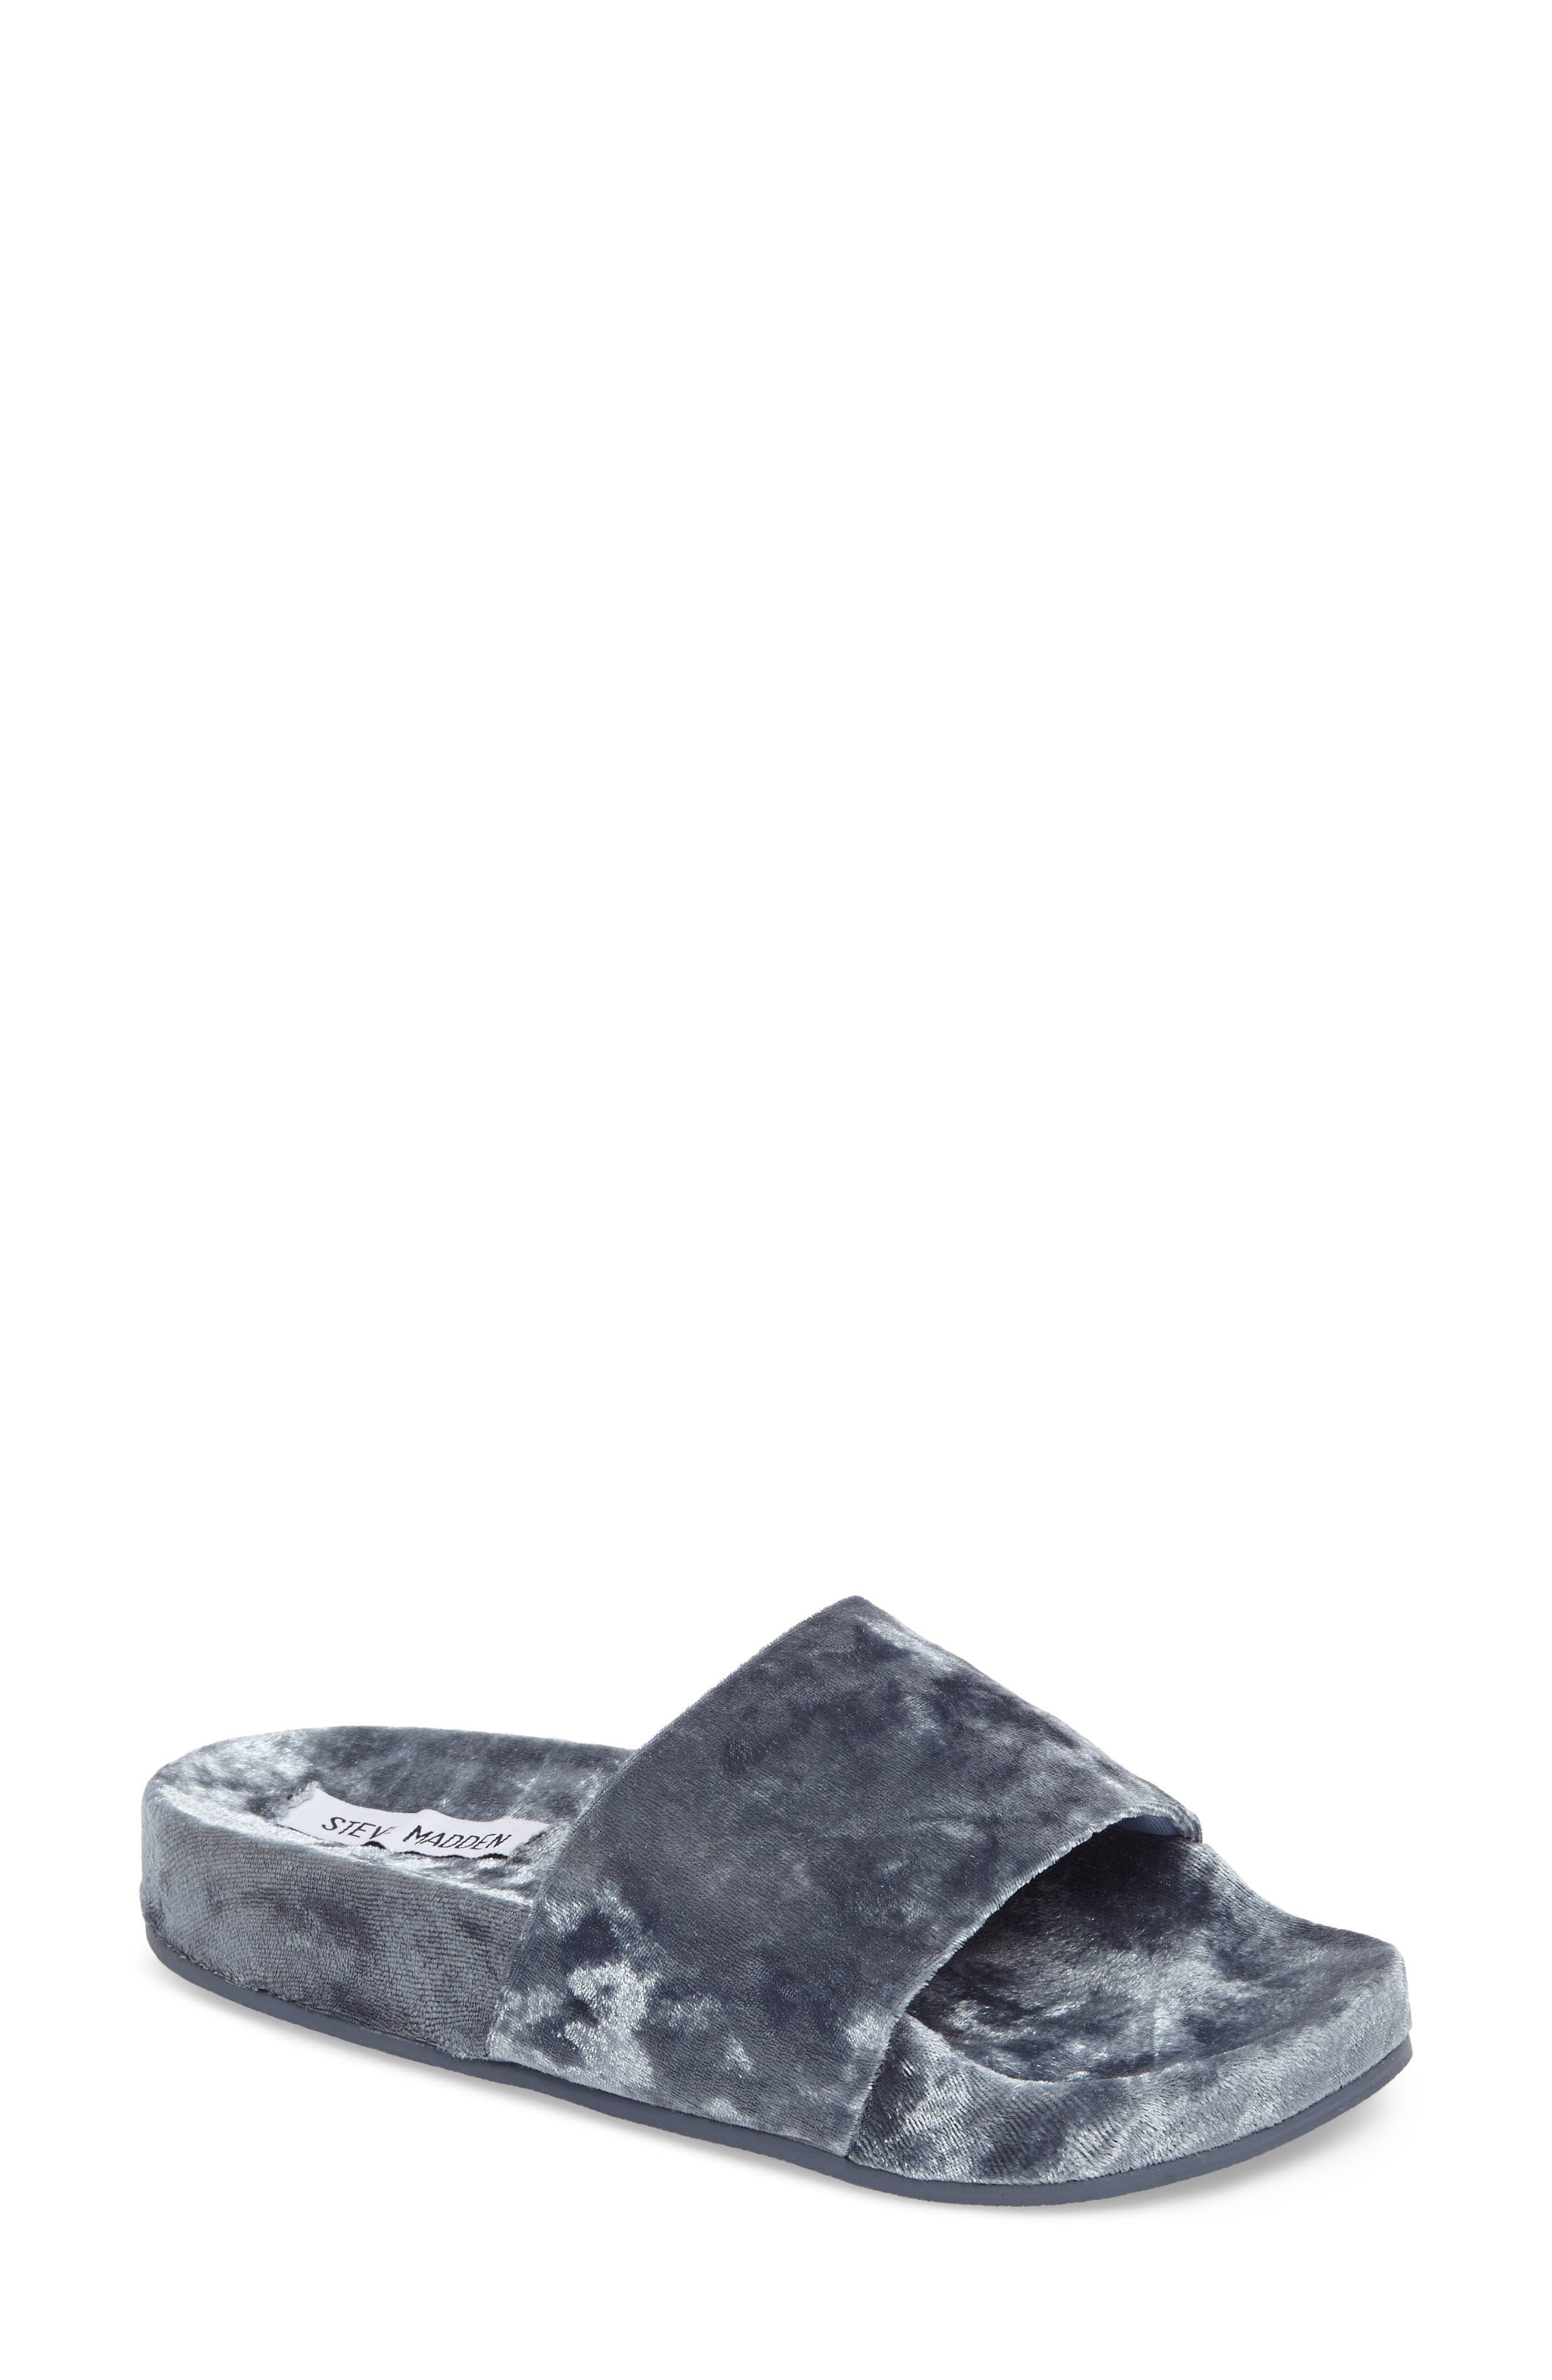 Main Image - Steve Madden Slush Velvet Slide Sandal (Women)